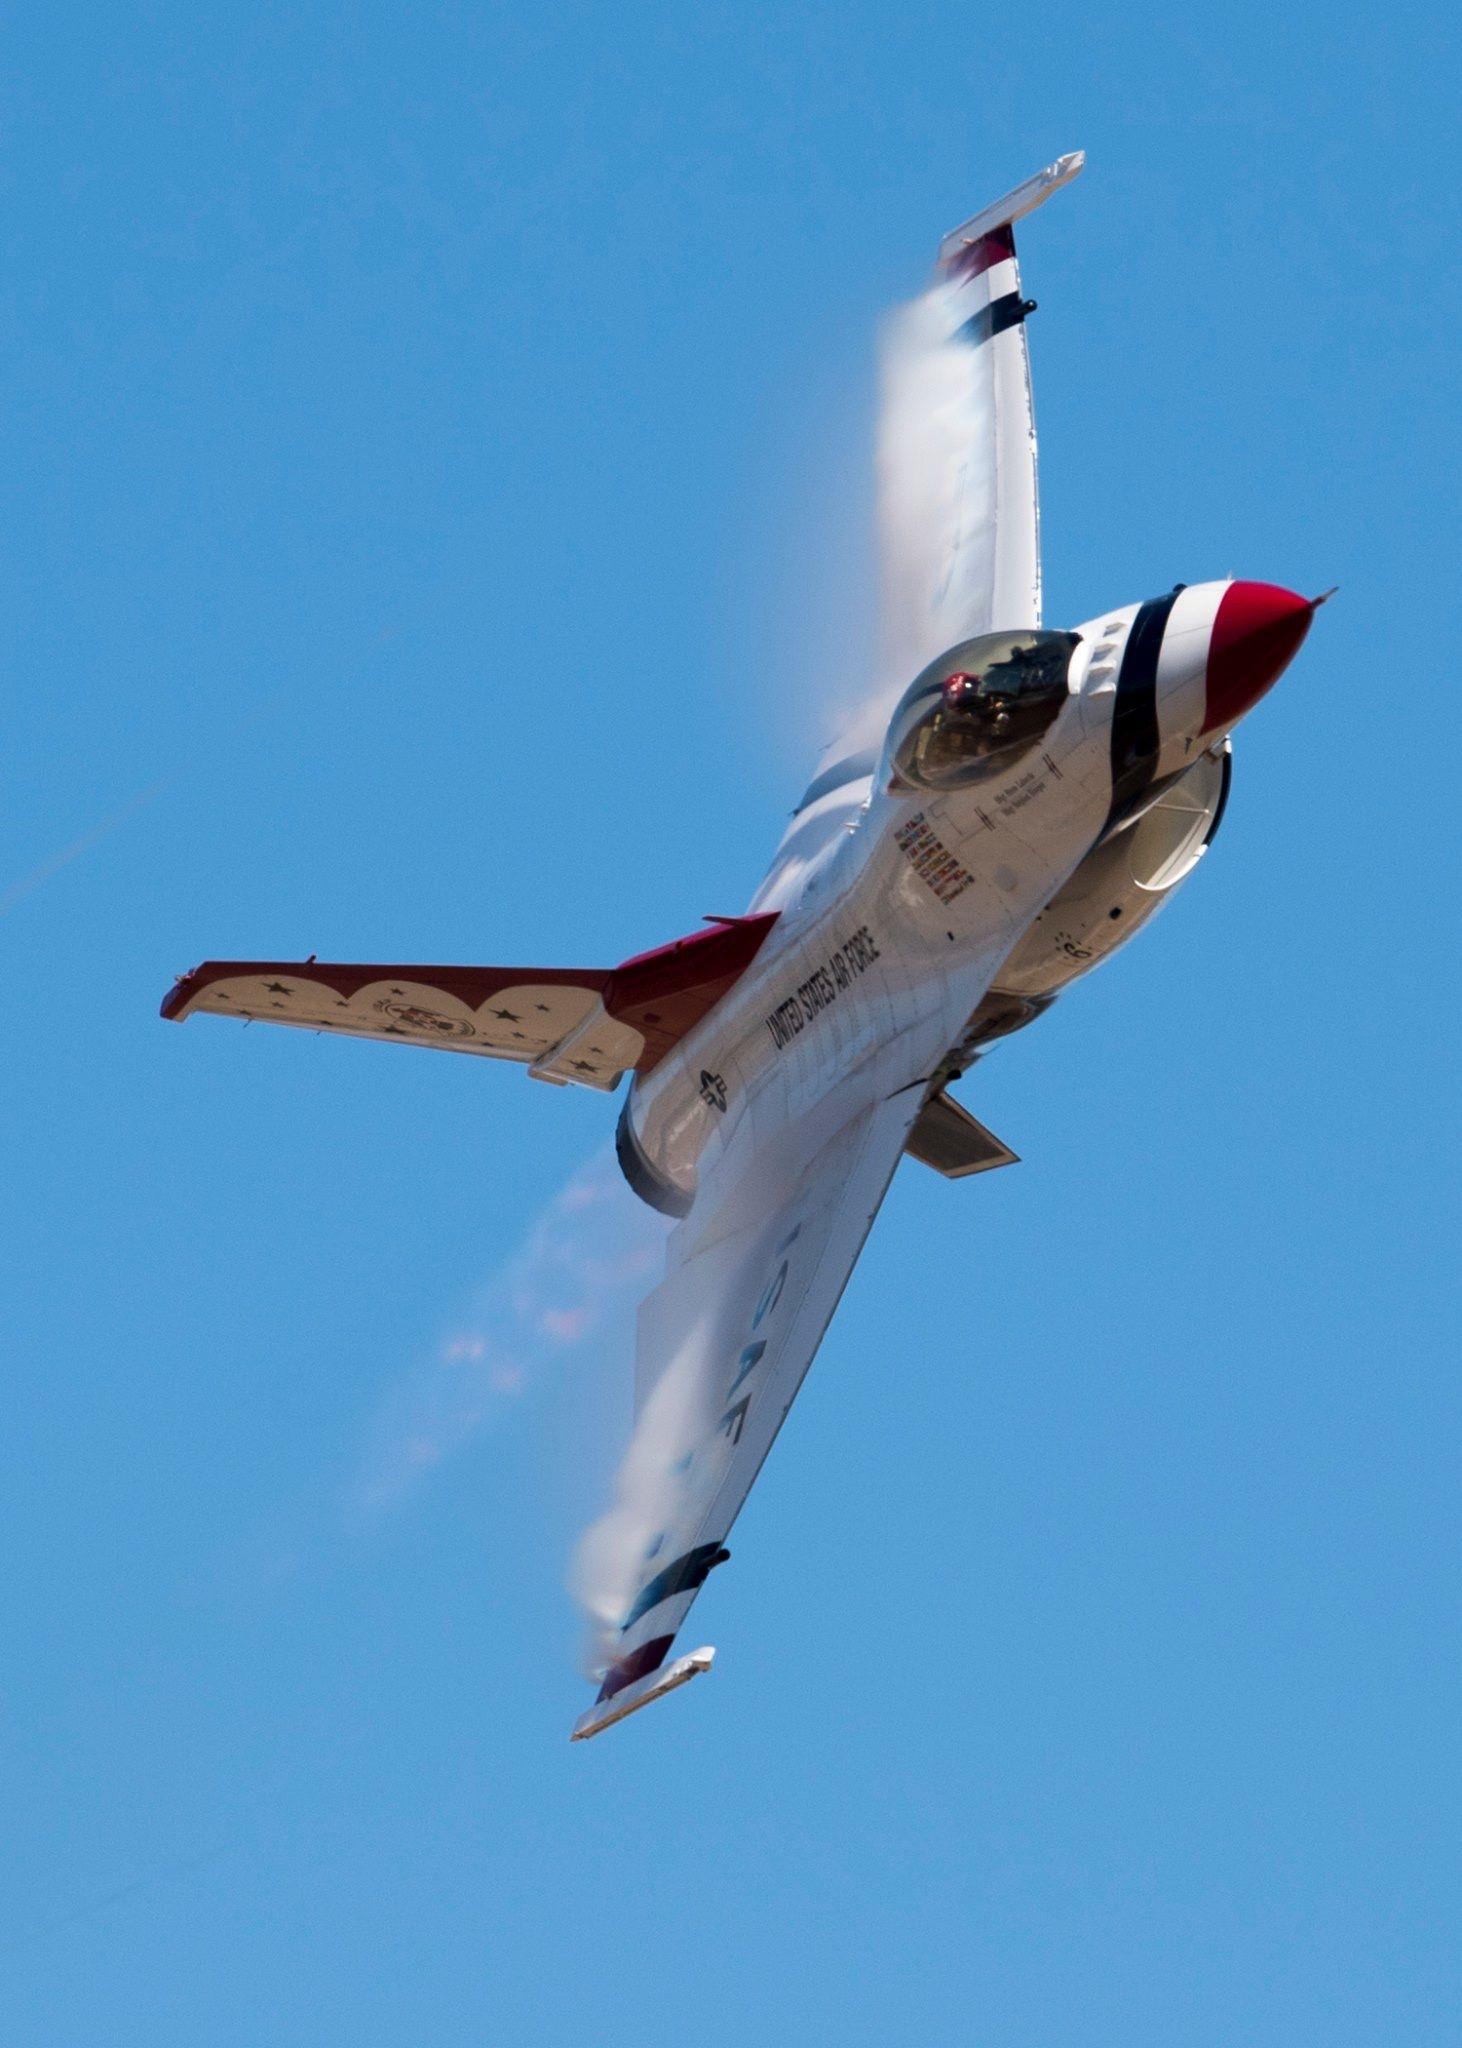 Thunderbirds Thunderbird, Air show, Air force